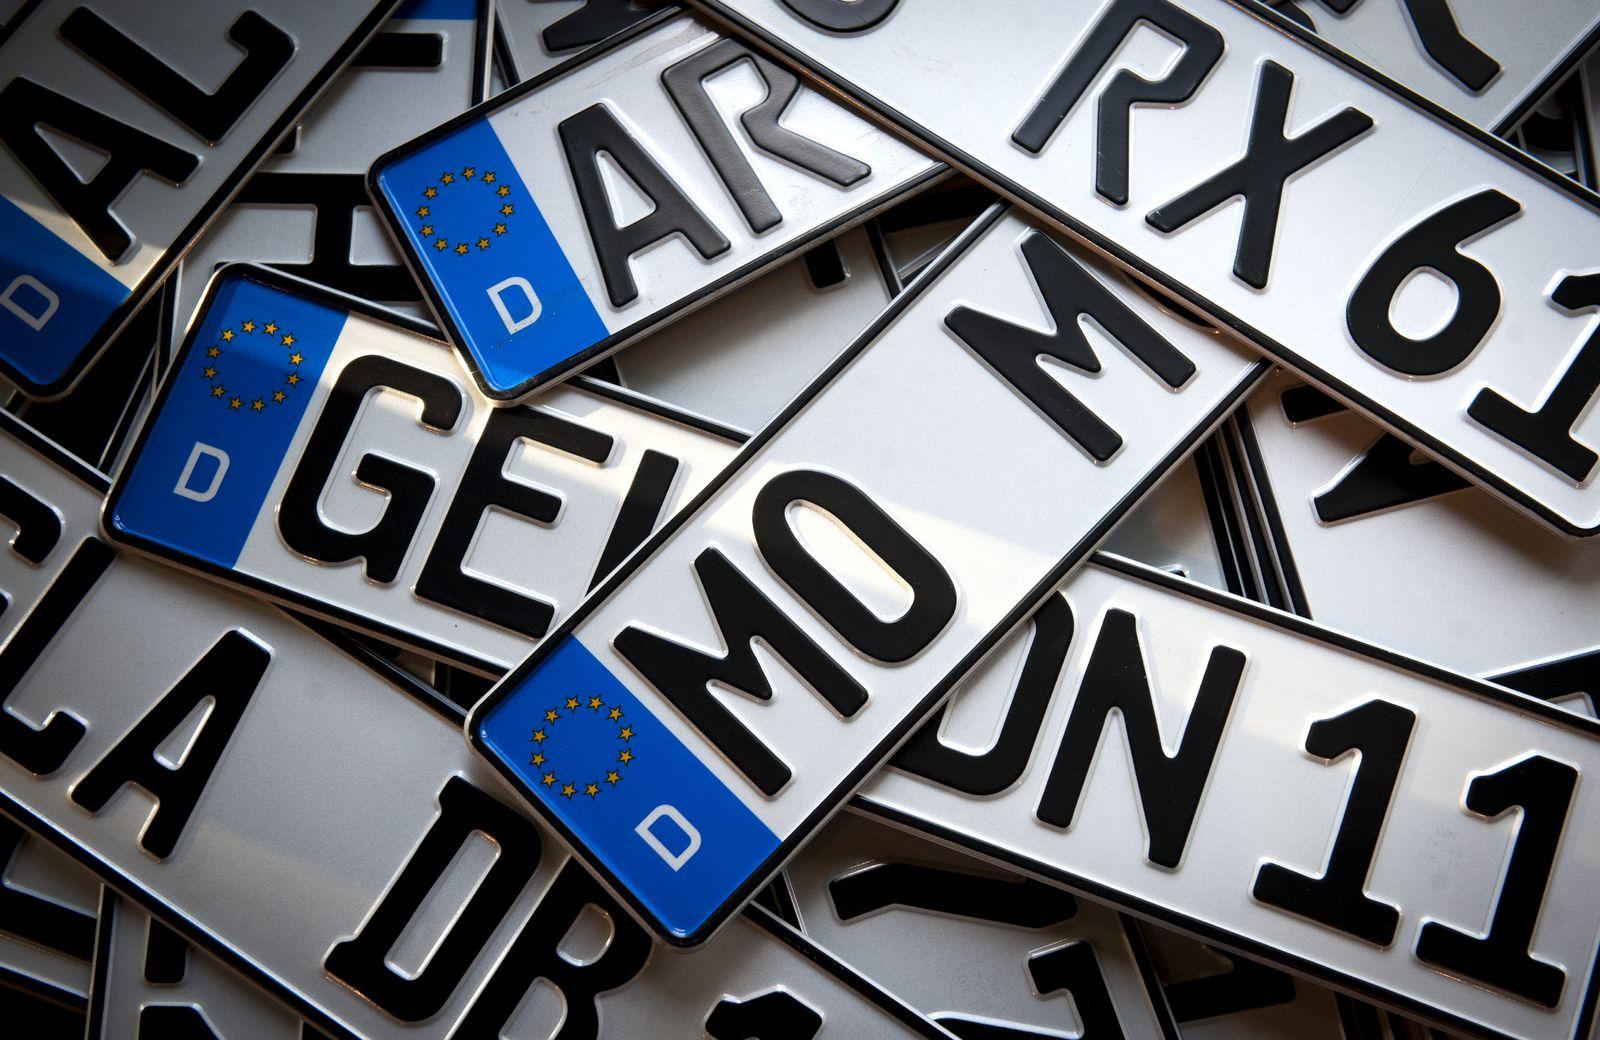 NICHT VERWENDEN Autokennzeichen